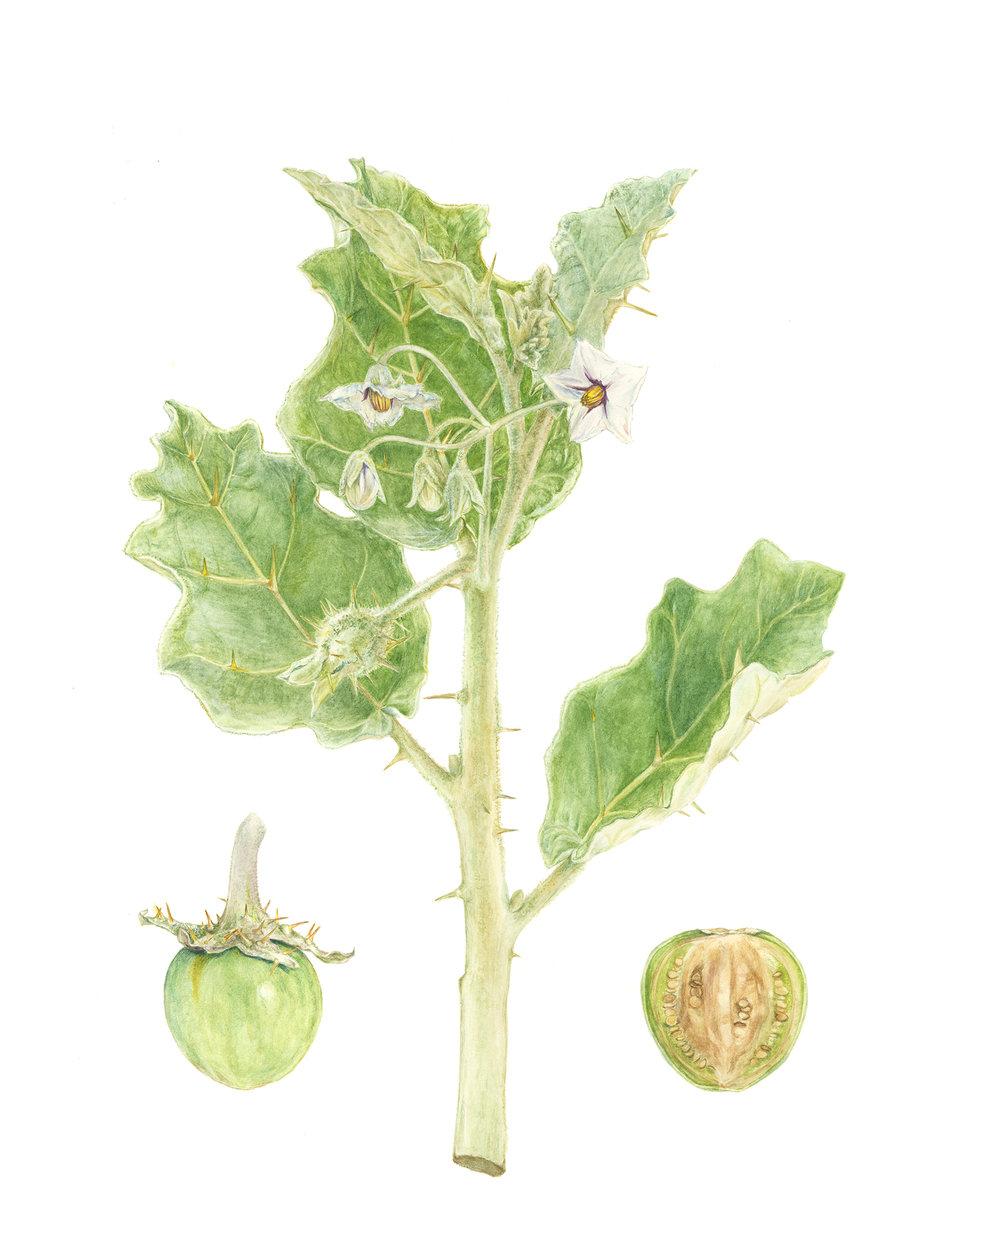 White Margined Nightshade, Solanum marginatum